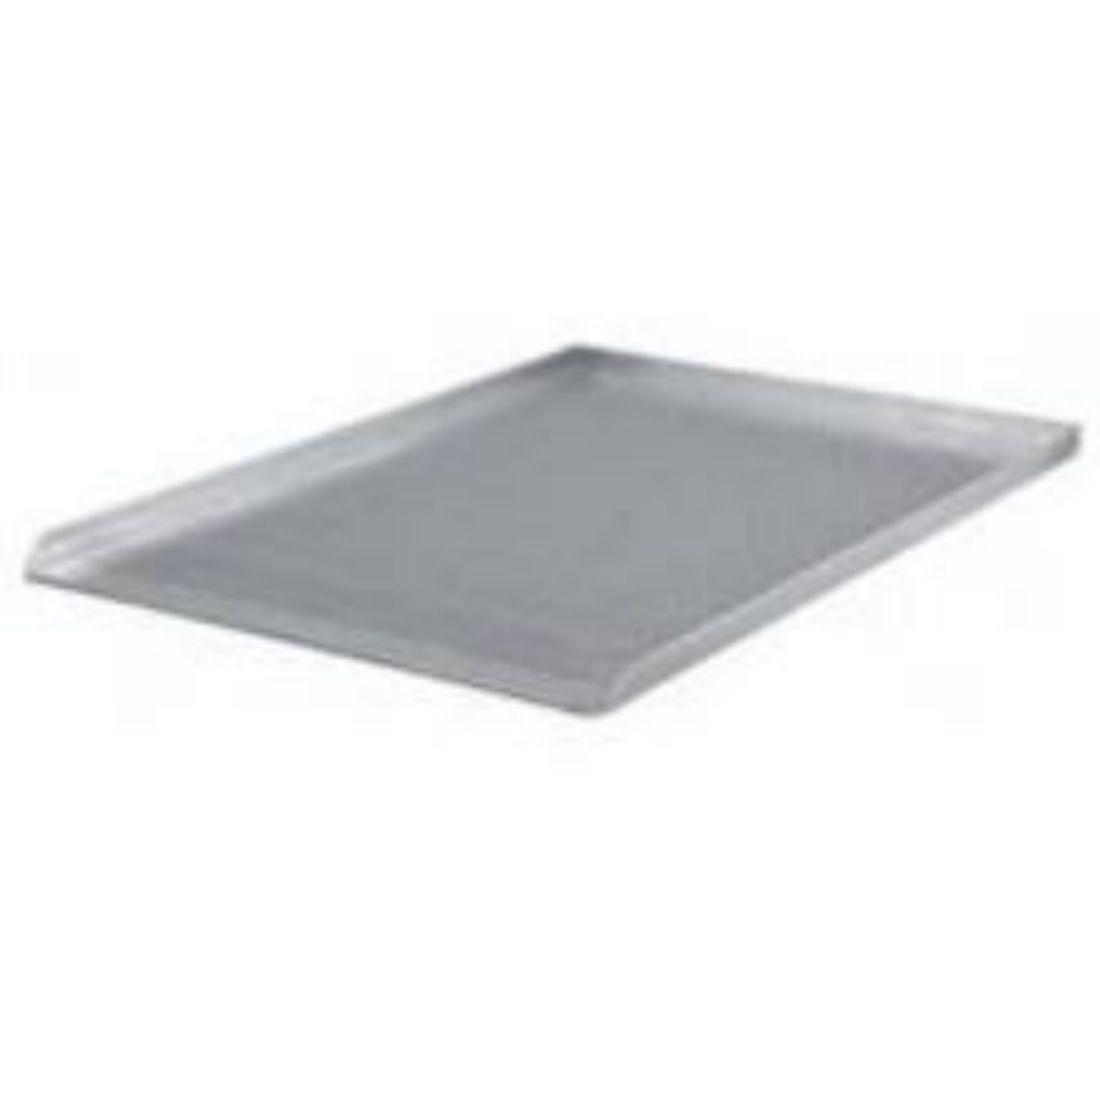 Plech AL 600x400x20 mm, tl.1,5 mm